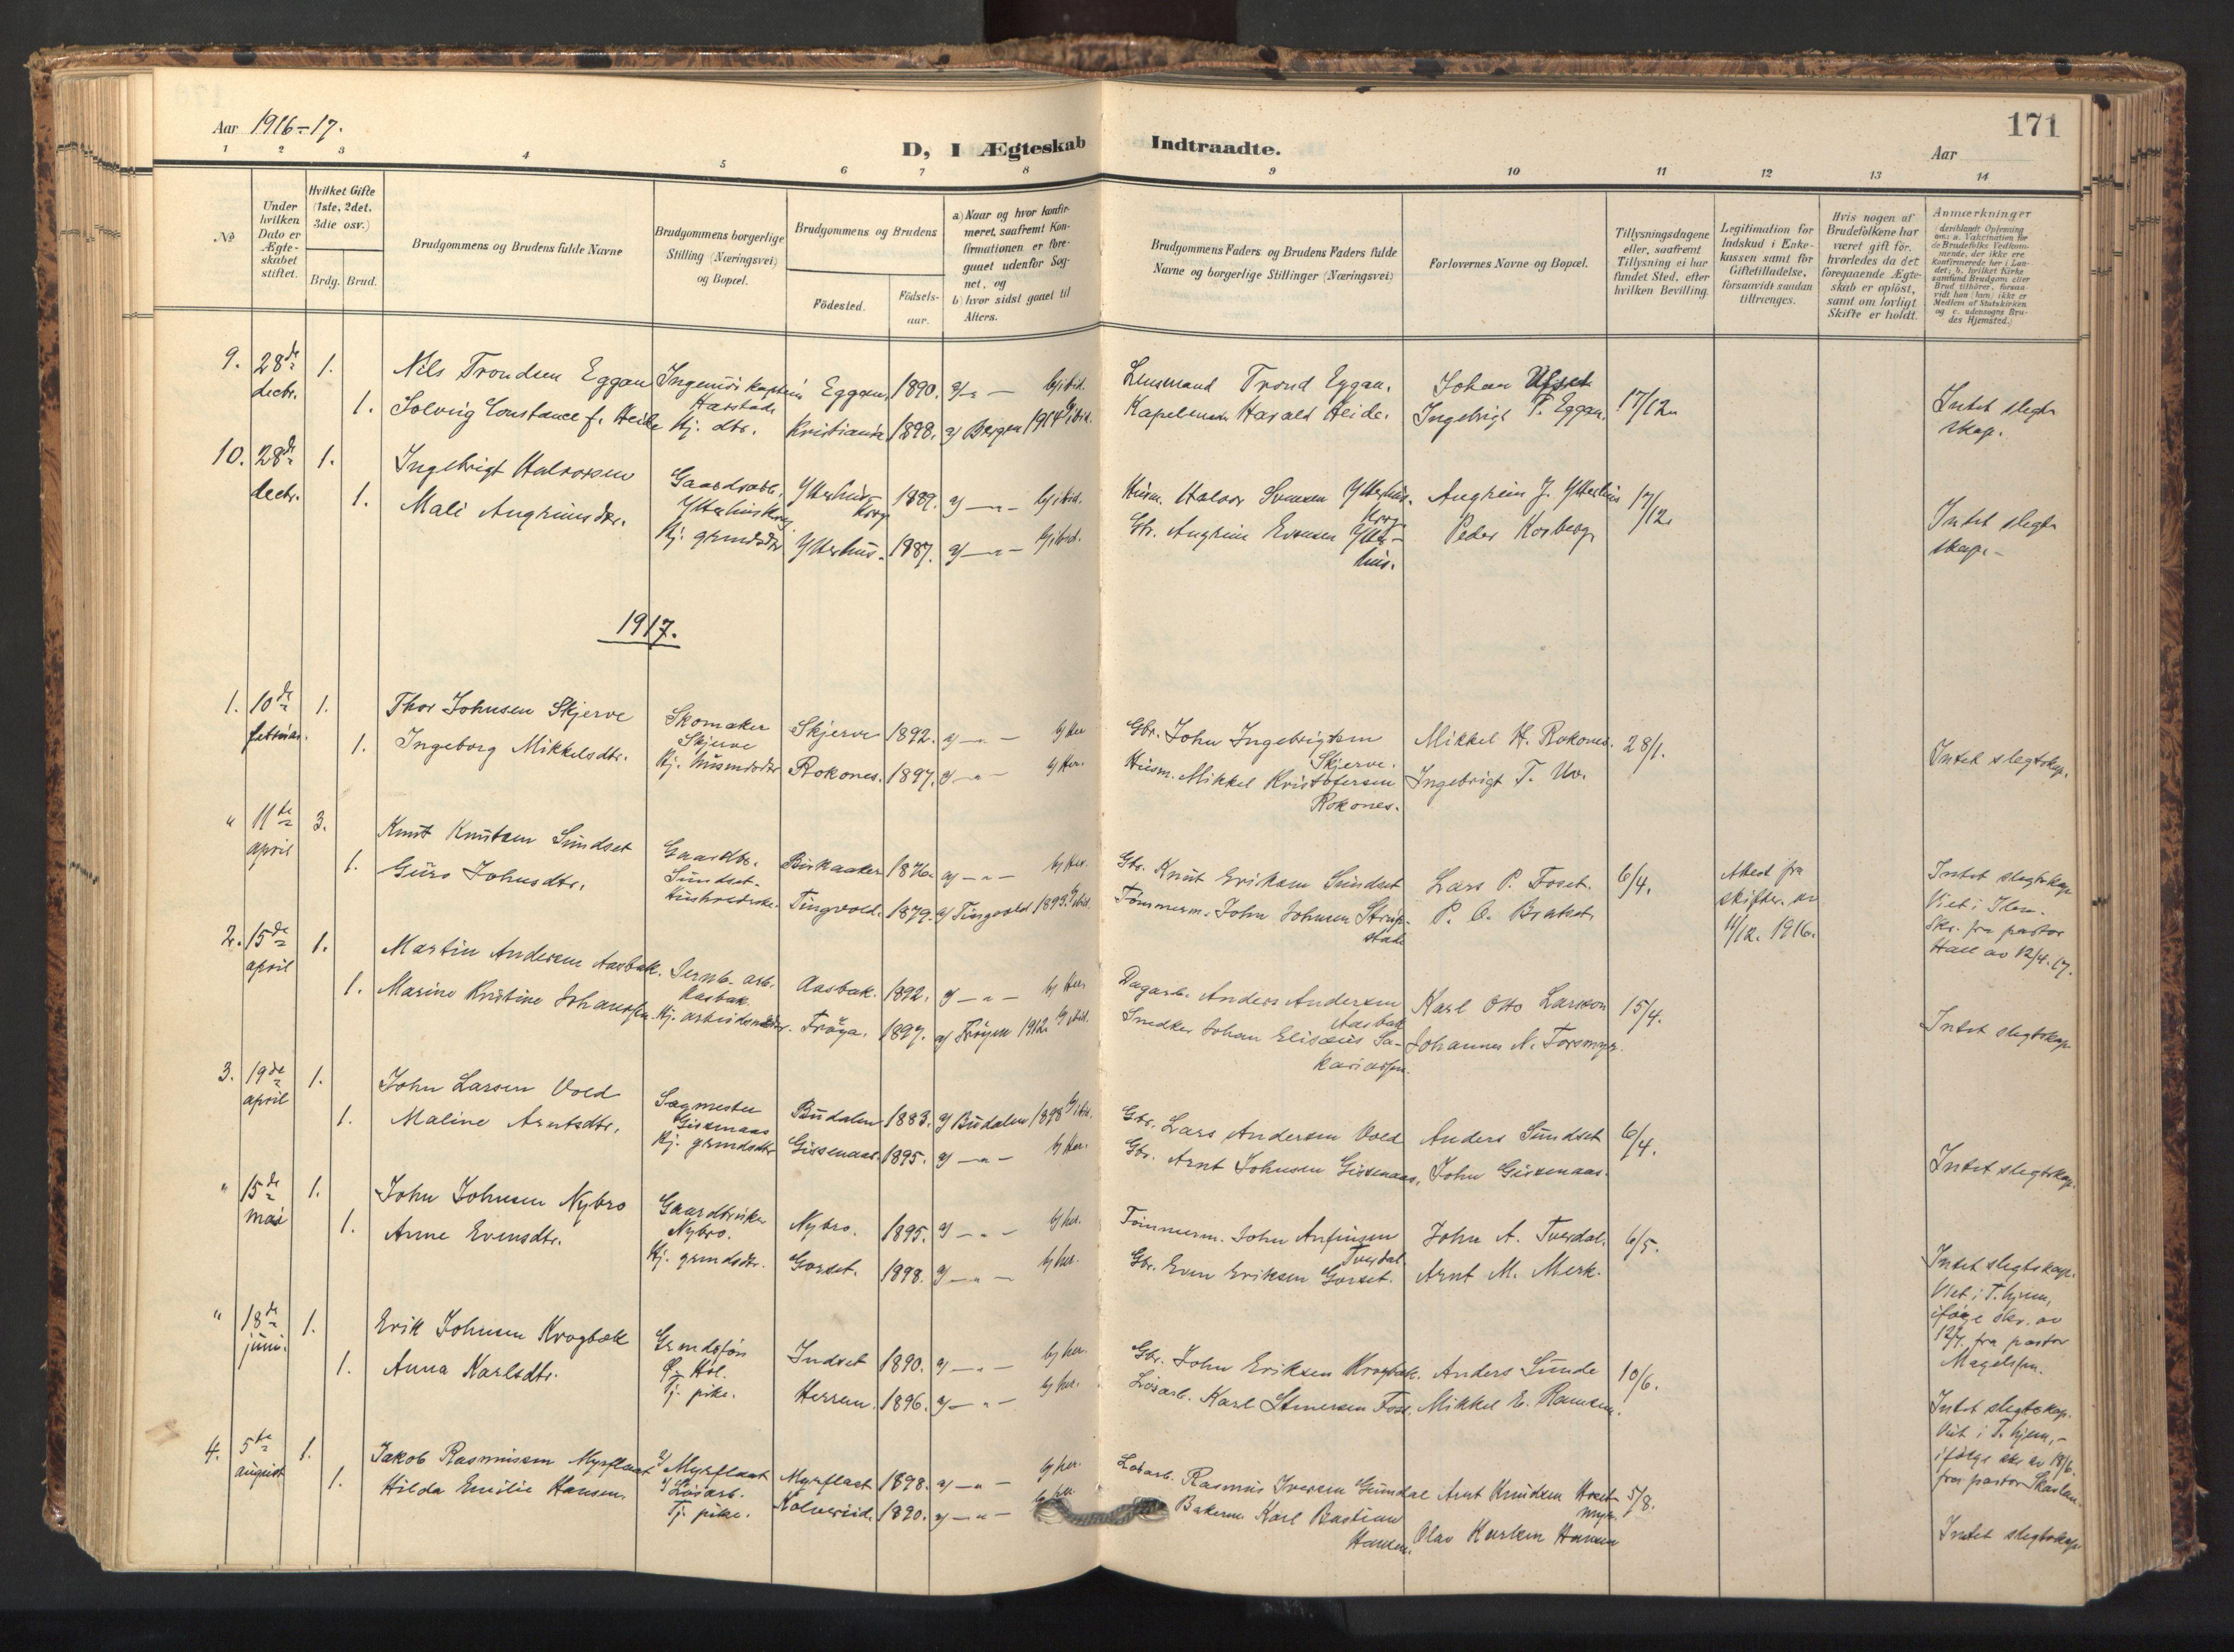 SAT, Ministerialprotokoller, klokkerbøker og fødselsregistre - Sør-Trøndelag, 674/L0873: Ministerialbok nr. 674A05, 1908-1923, s. 171